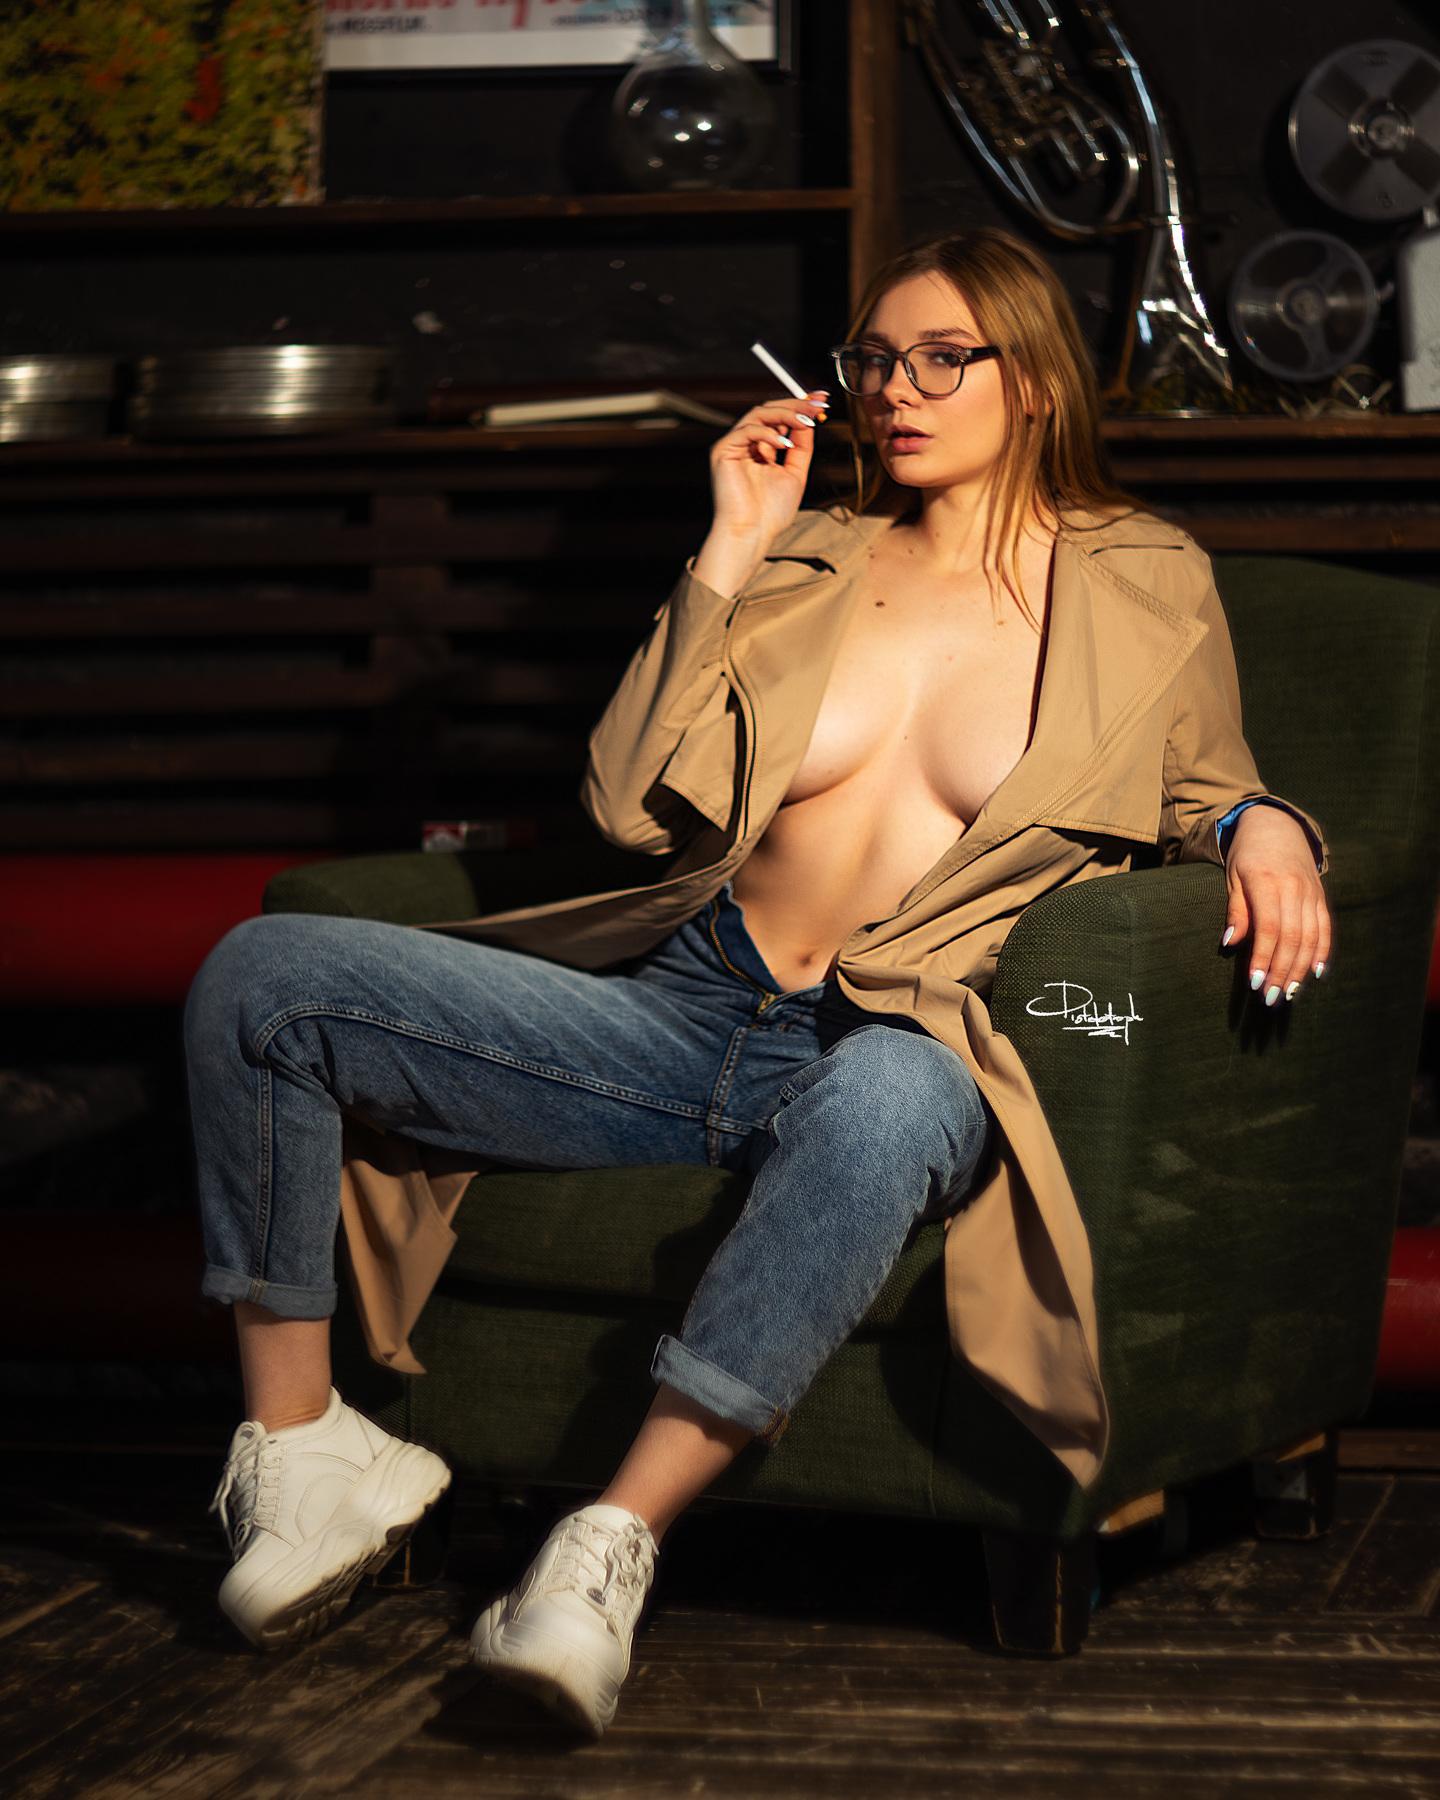 Наталья Тихомирова / фотограф Пистолетов Илья